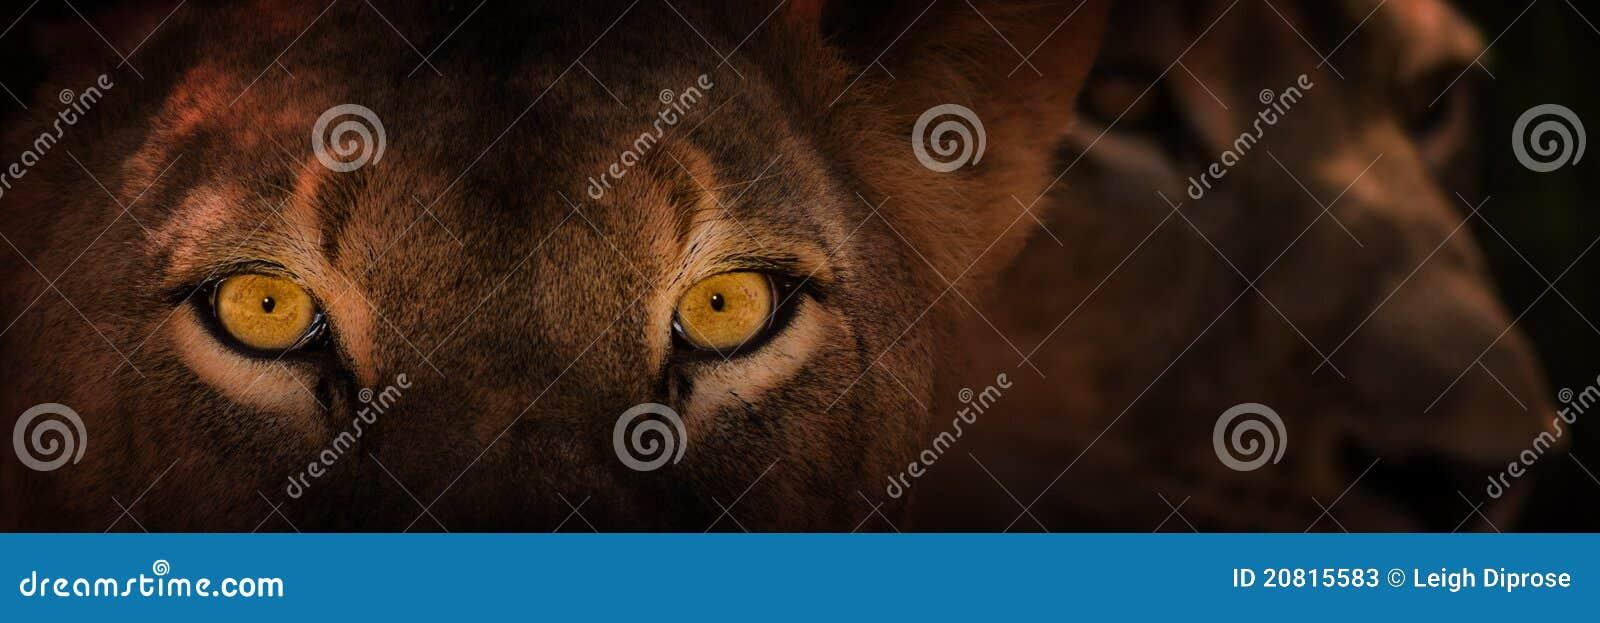 Ogen van starende leeuw